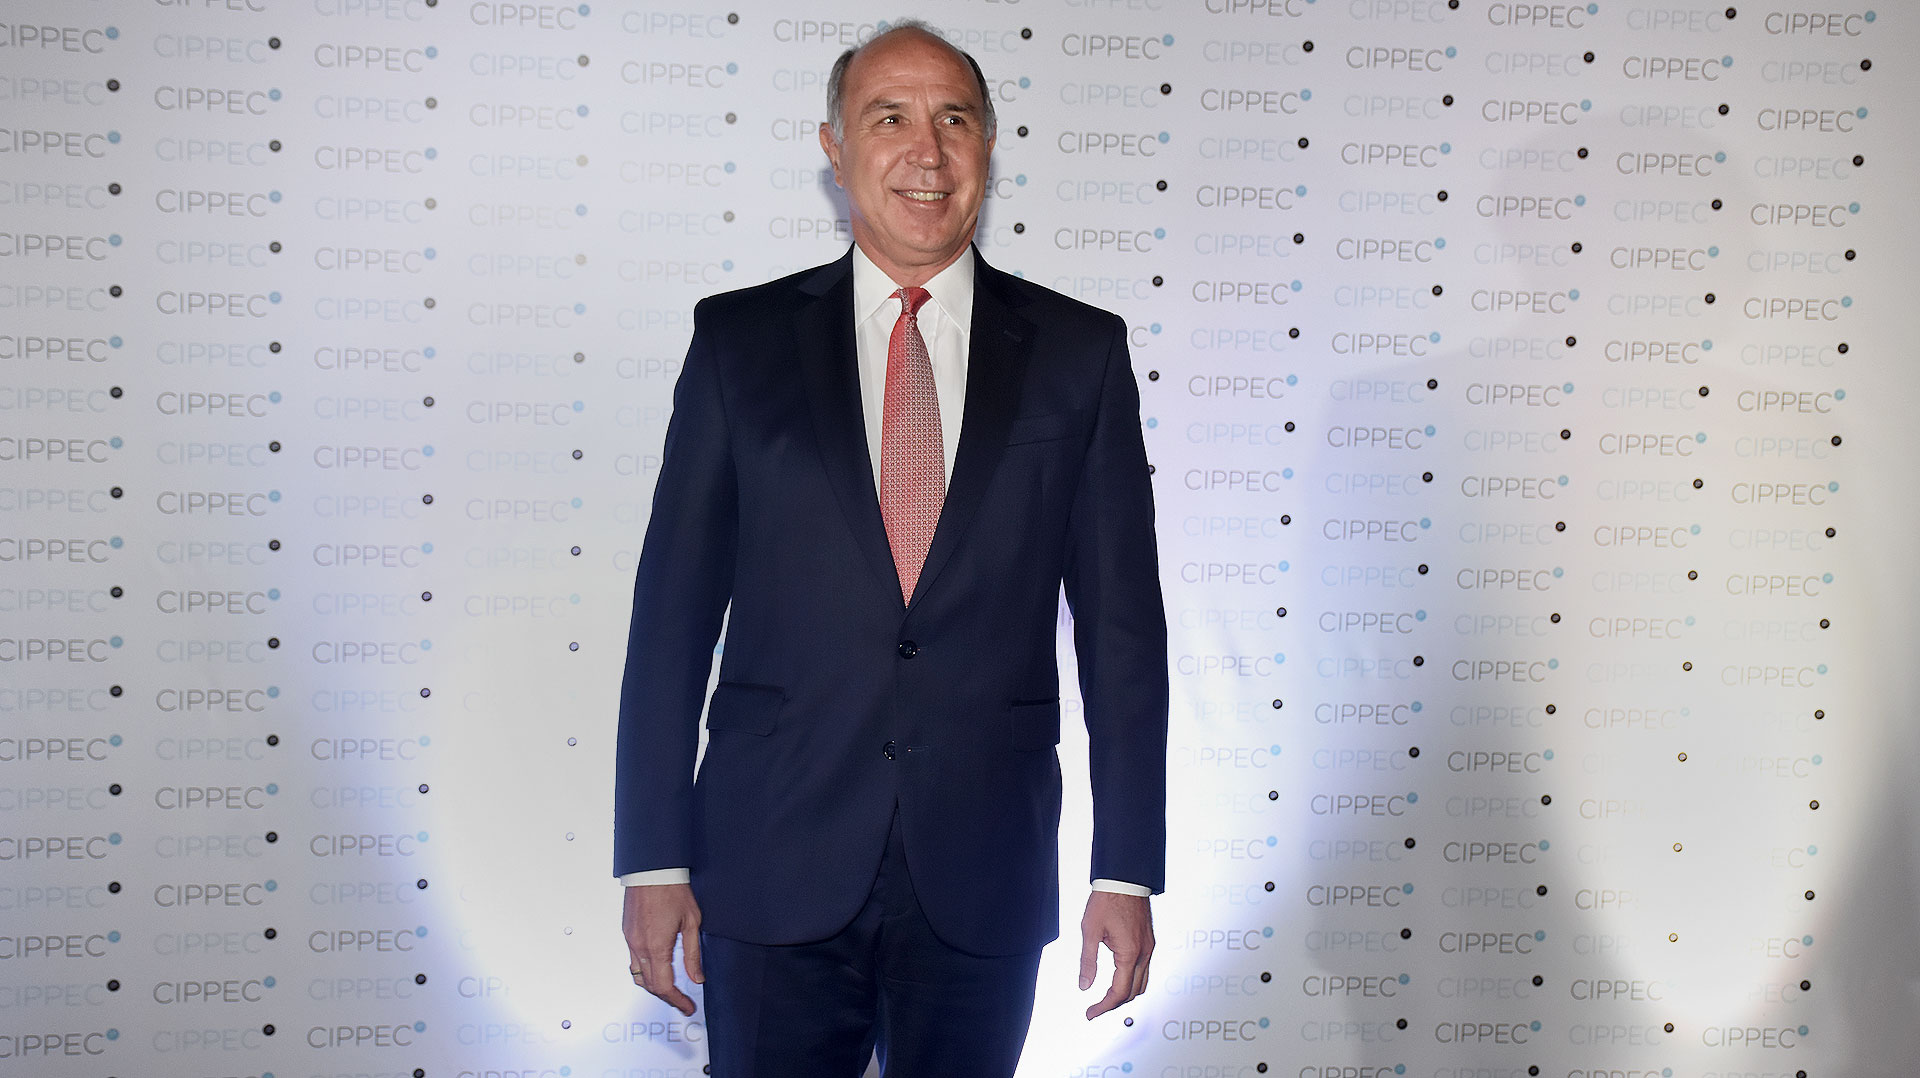 El presidente de la Suprema Corte de Justicia de la Nación, Ricardo Lorenzetti